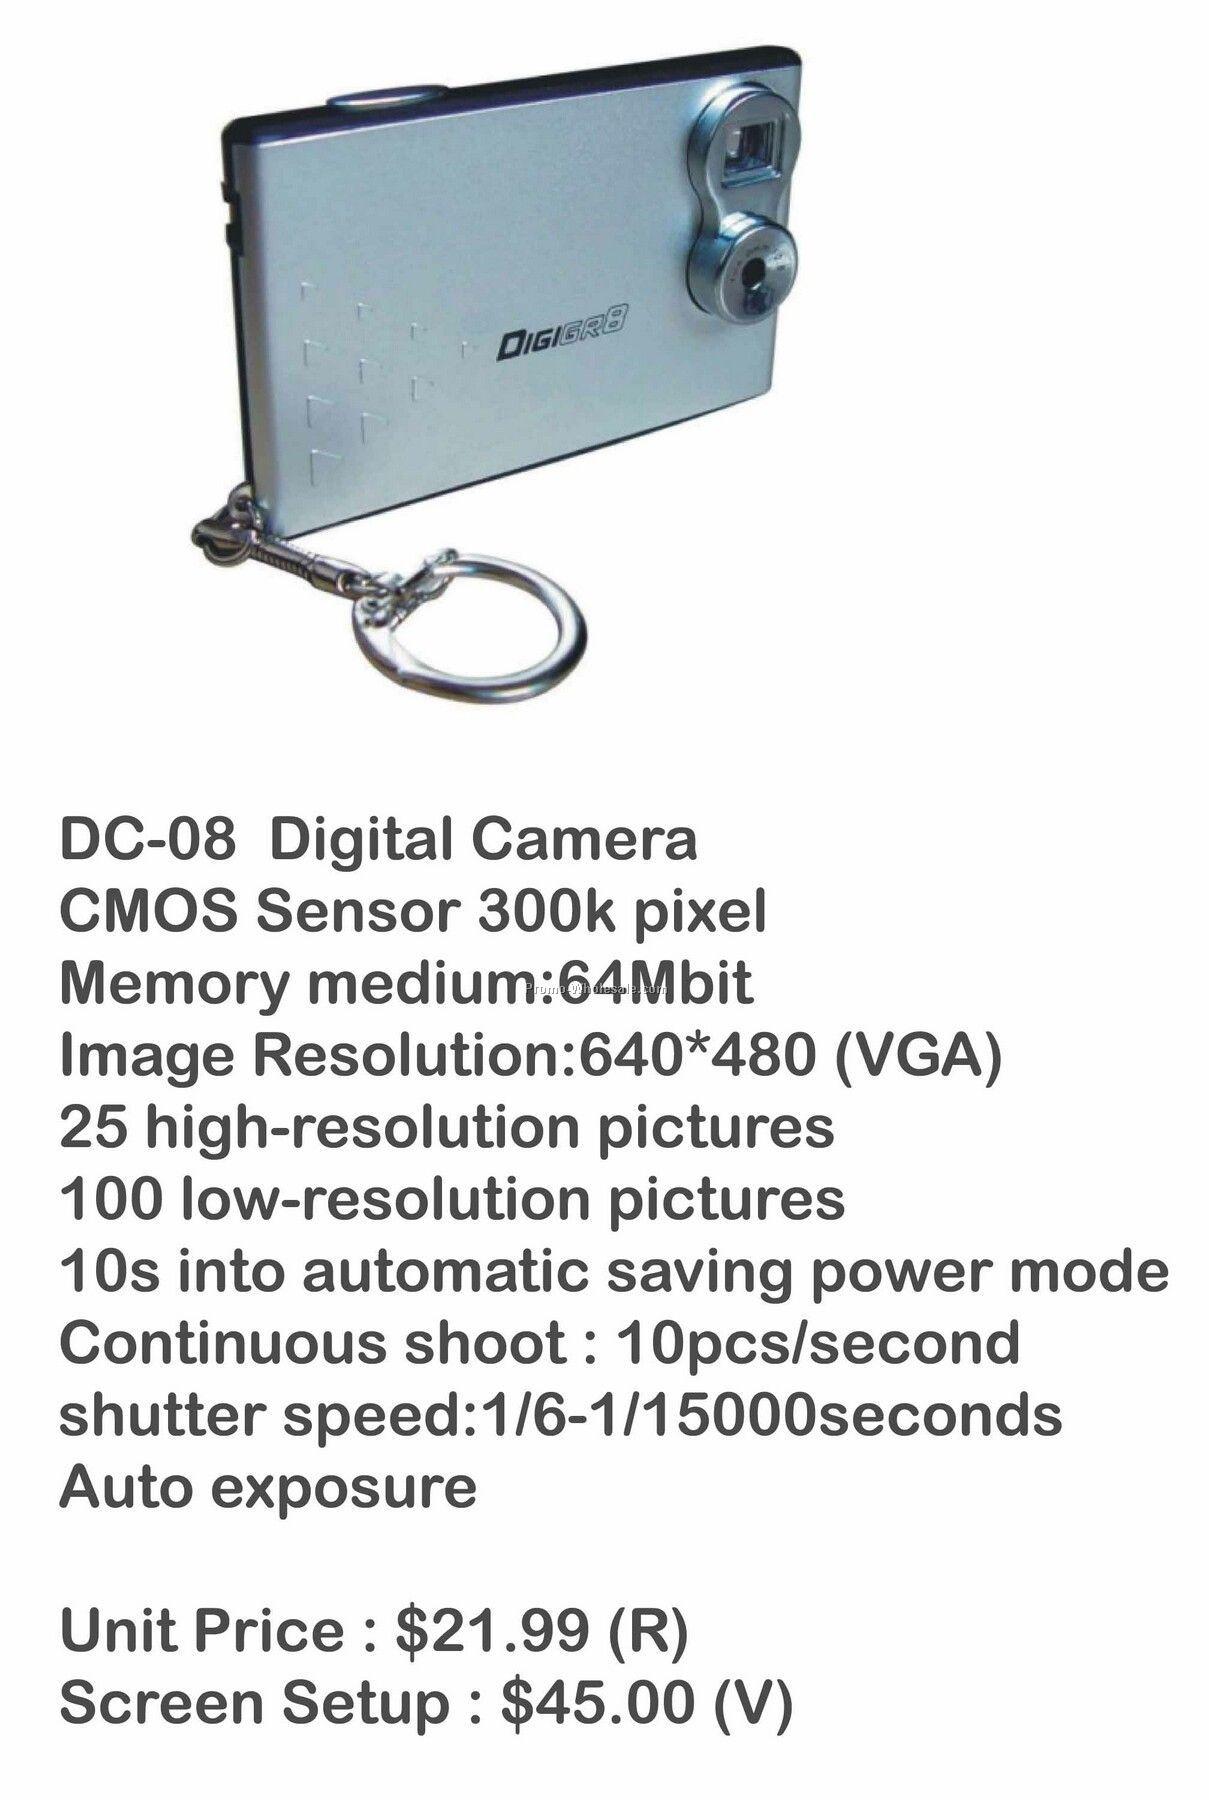 Digital Camera, Video Camera, Web Cam, Stores Photos, 64mb Memory